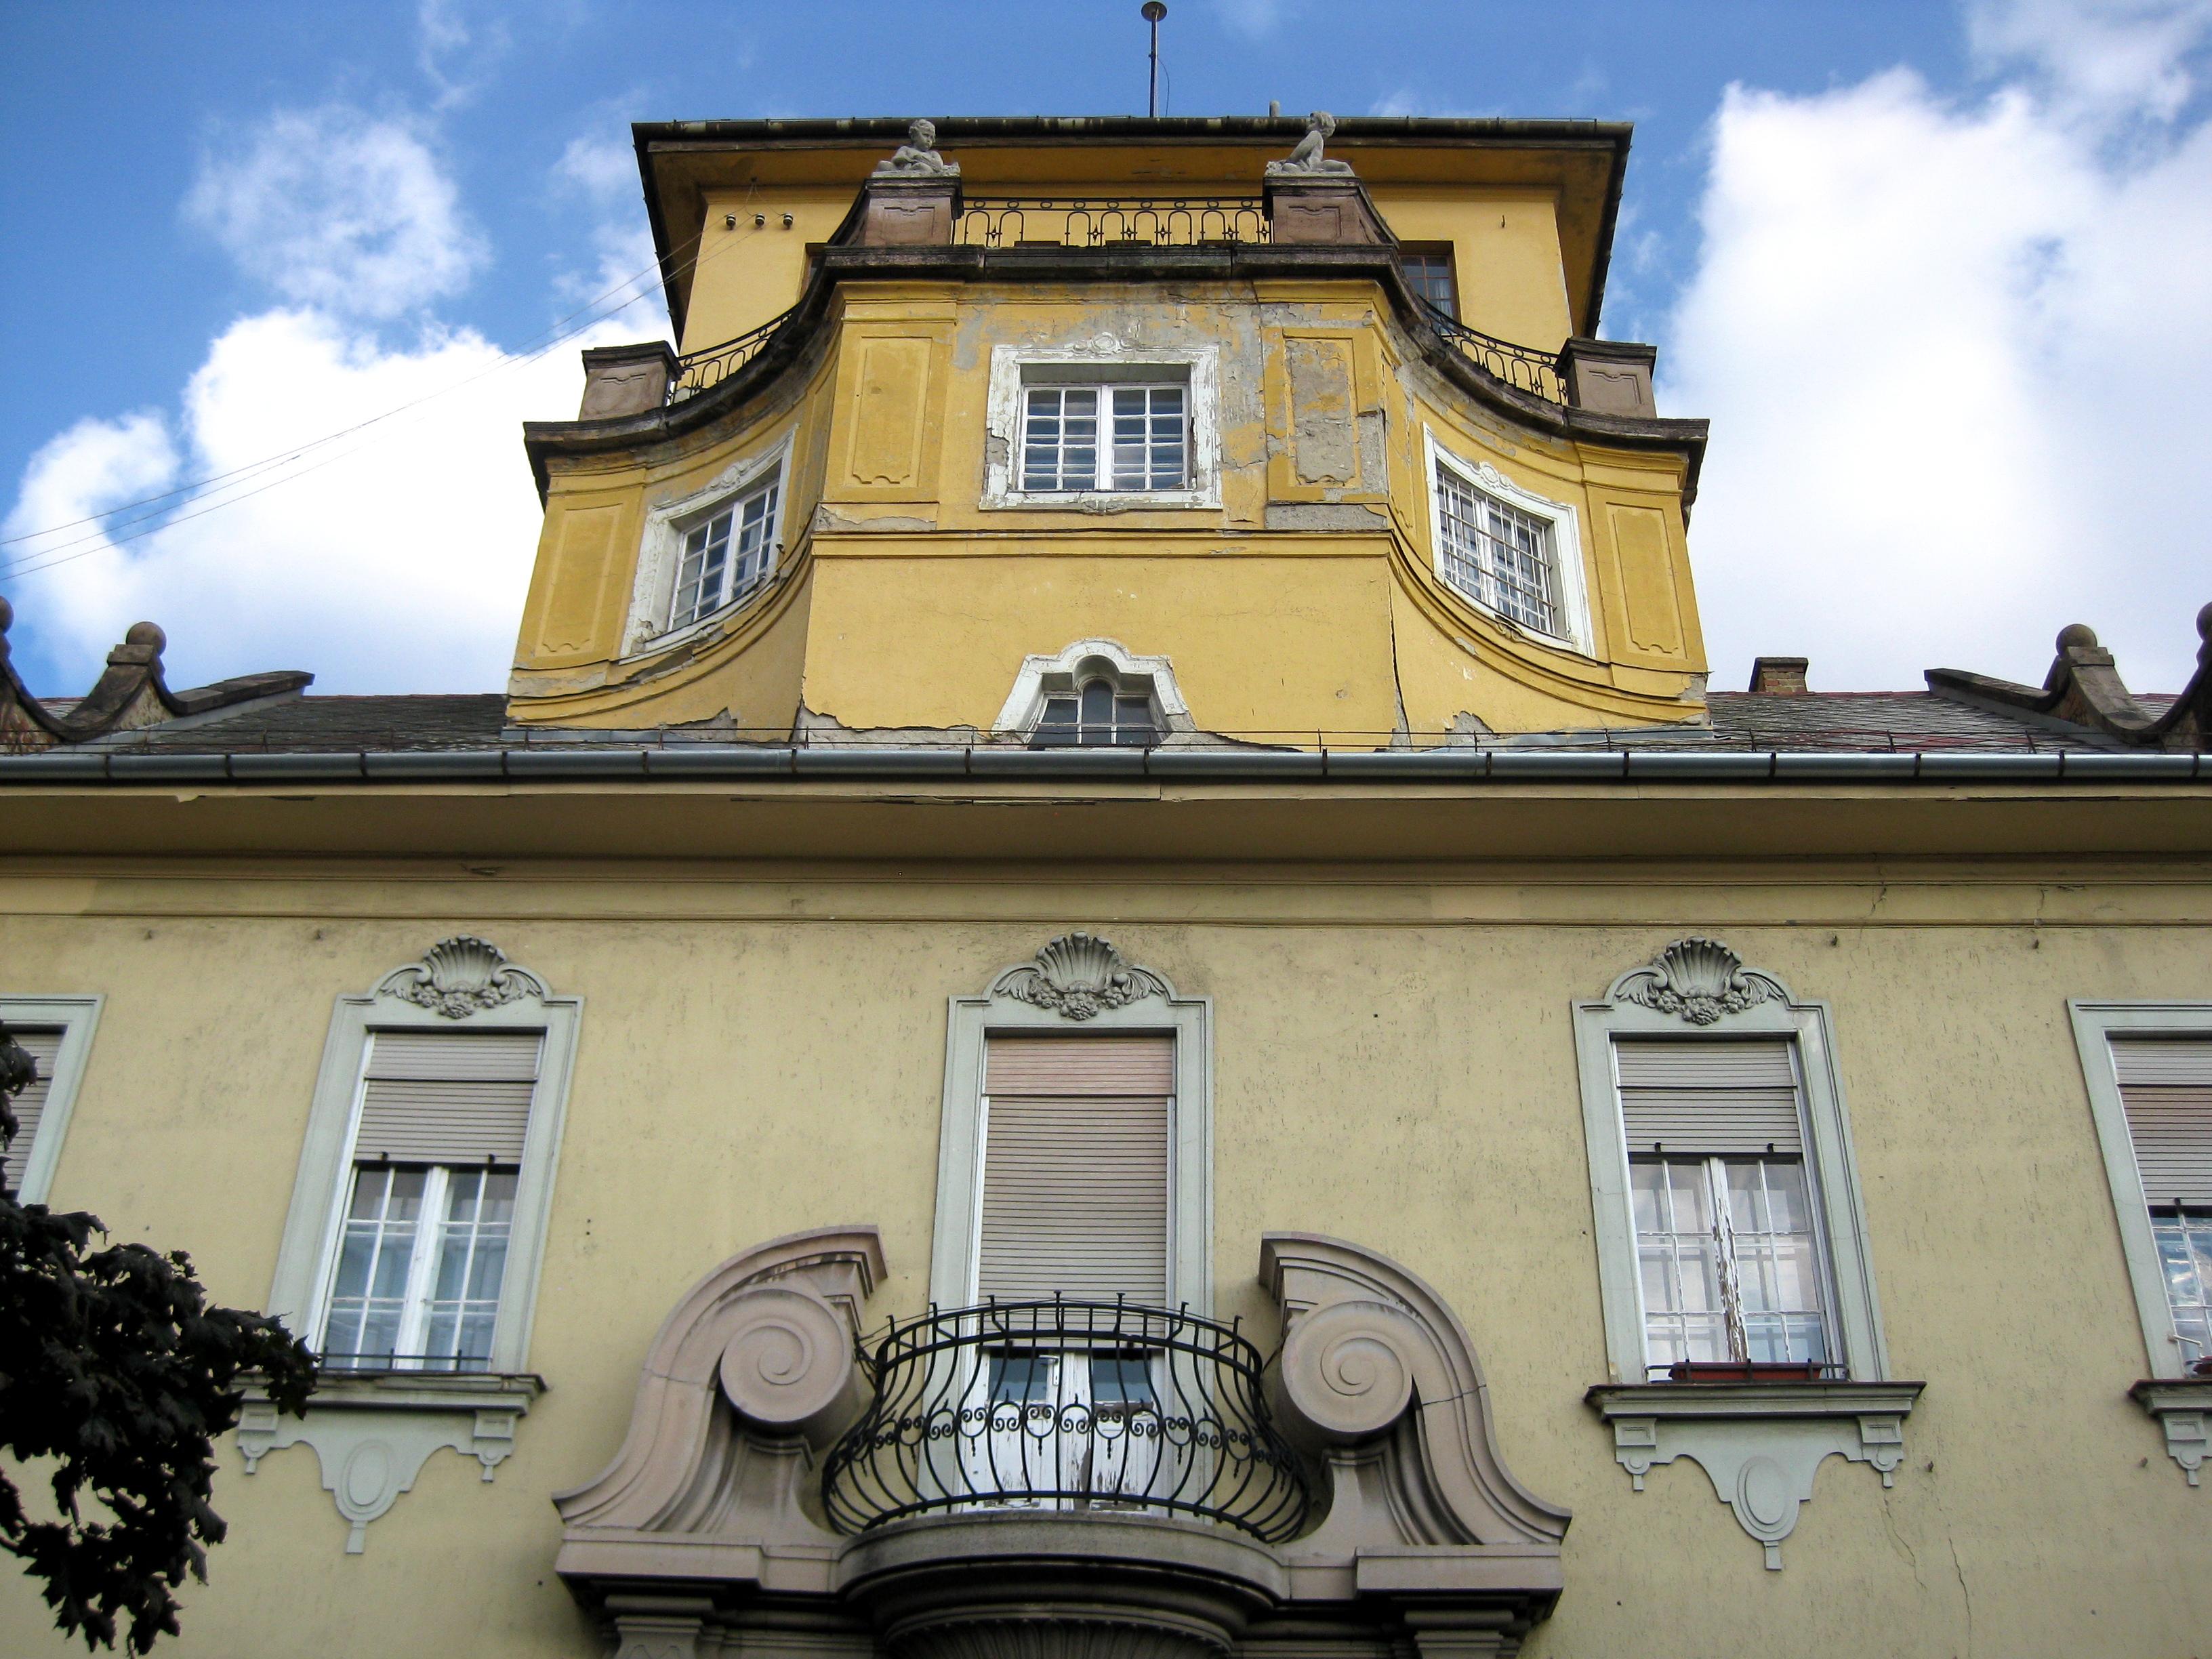 Volt Nemzeti Banki épület és tűzoltólaktanya. A Déli és Ny-i szárnyat a Tűzoltóság, a Keleti szárnyat a Nemzeti Bank számára építették (építész: Wälder Gyula).  Kép: CPV1011 / Wikimedia Commons